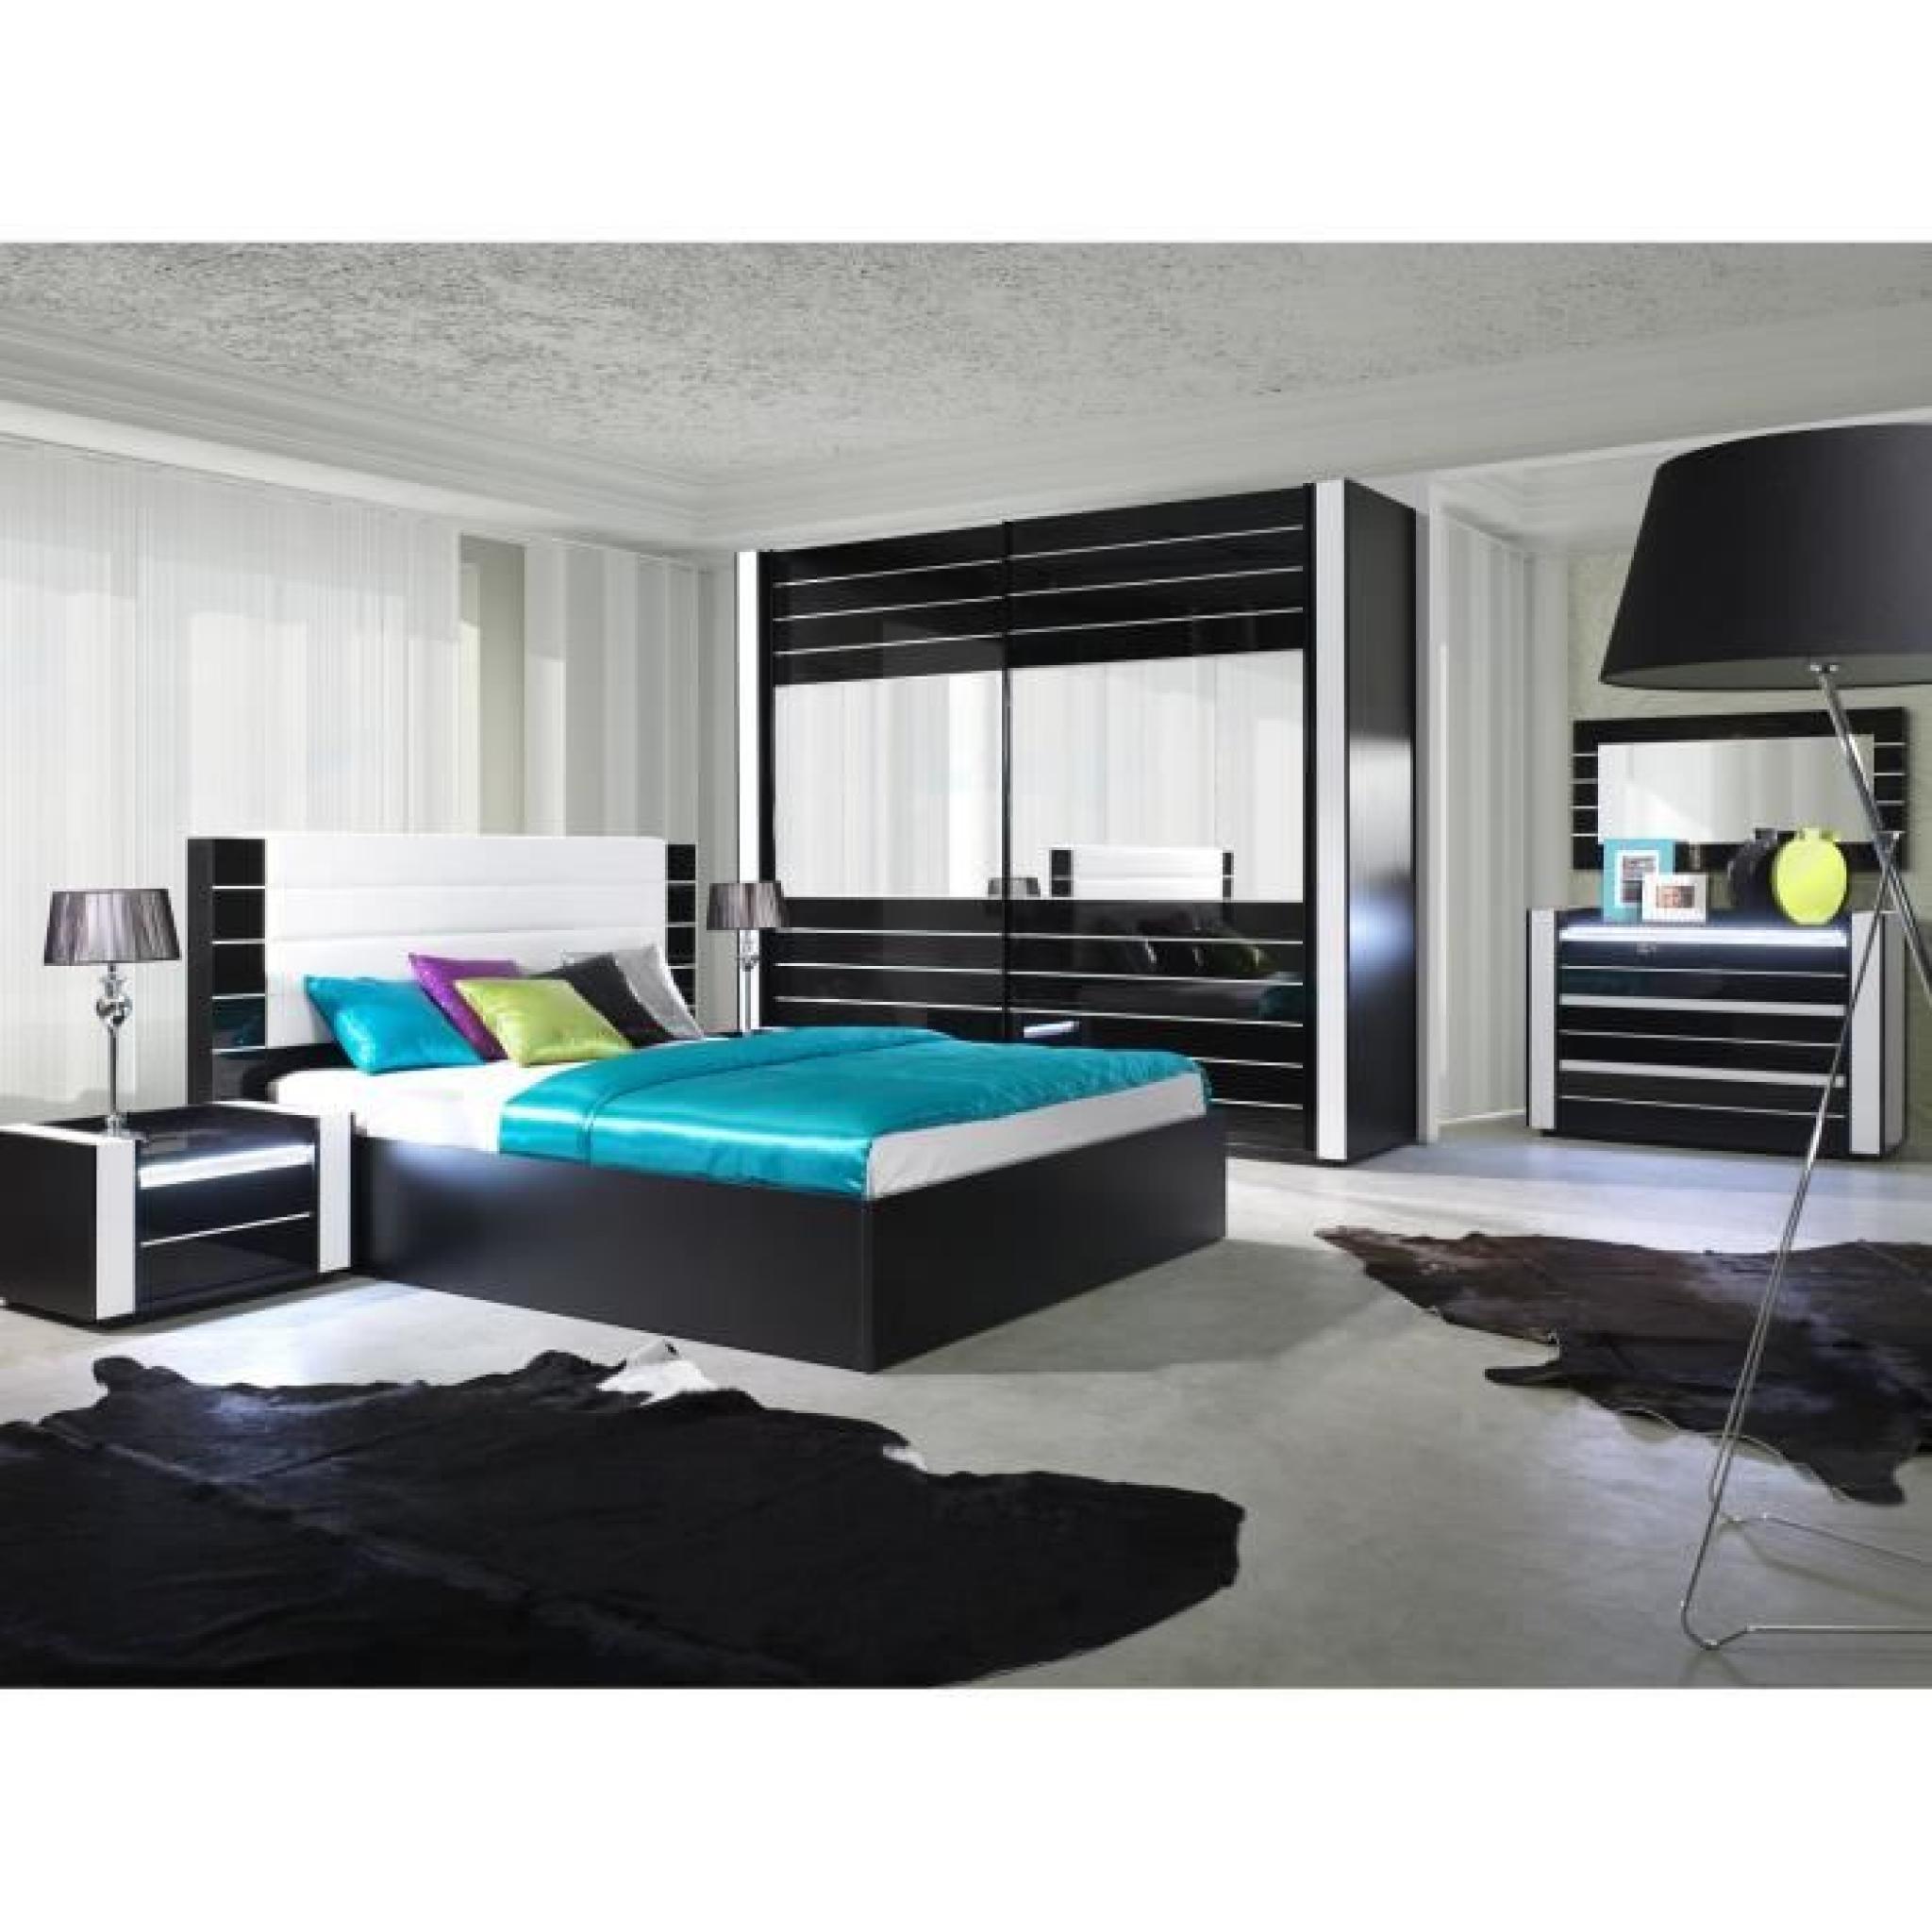 Armoire lina noir et blanche laqu e tout quip e meuble for Armoire chambre a coucher adulte